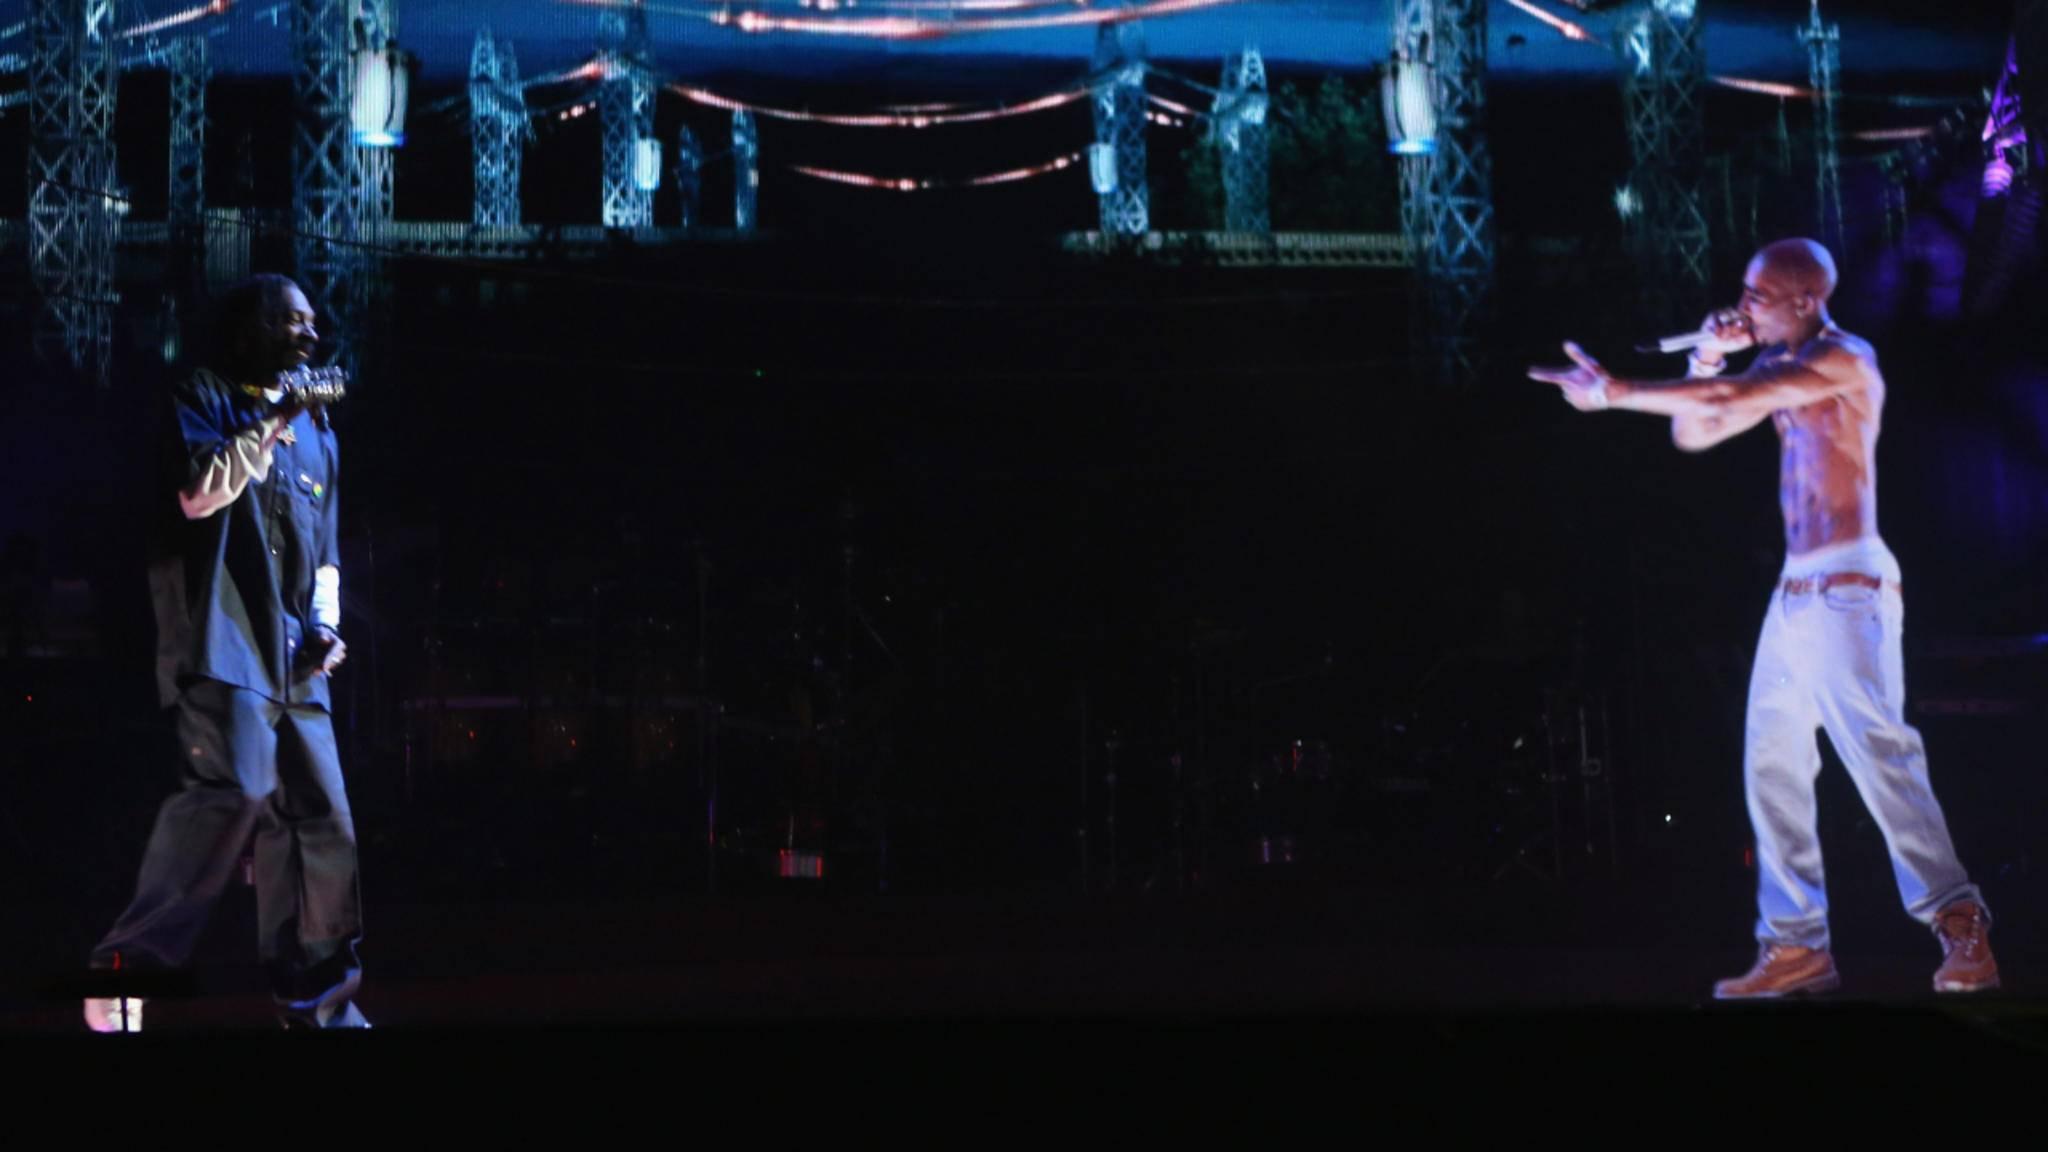 Snoop Dogg performt mit einem Hologramm des verstorbenen Tupac Shakur.